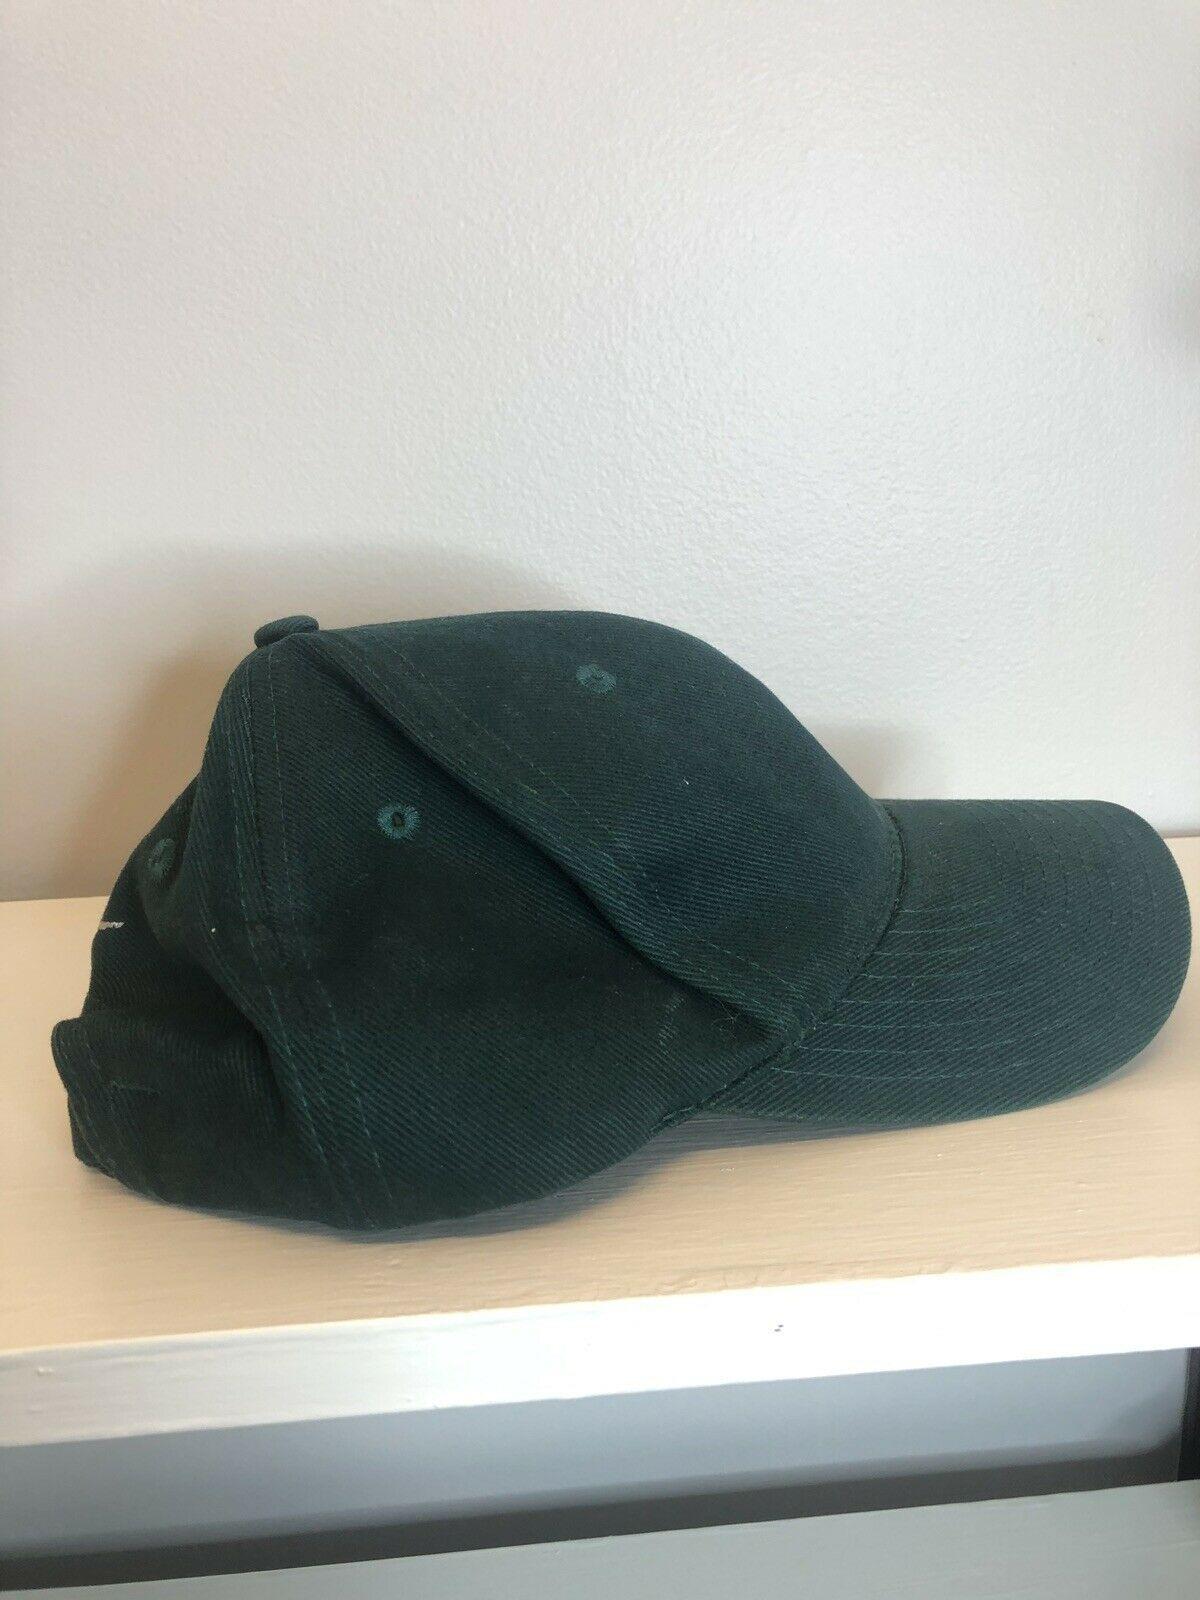 Vintage 90s Nike Strapback Hat, Green, Adjustable Size